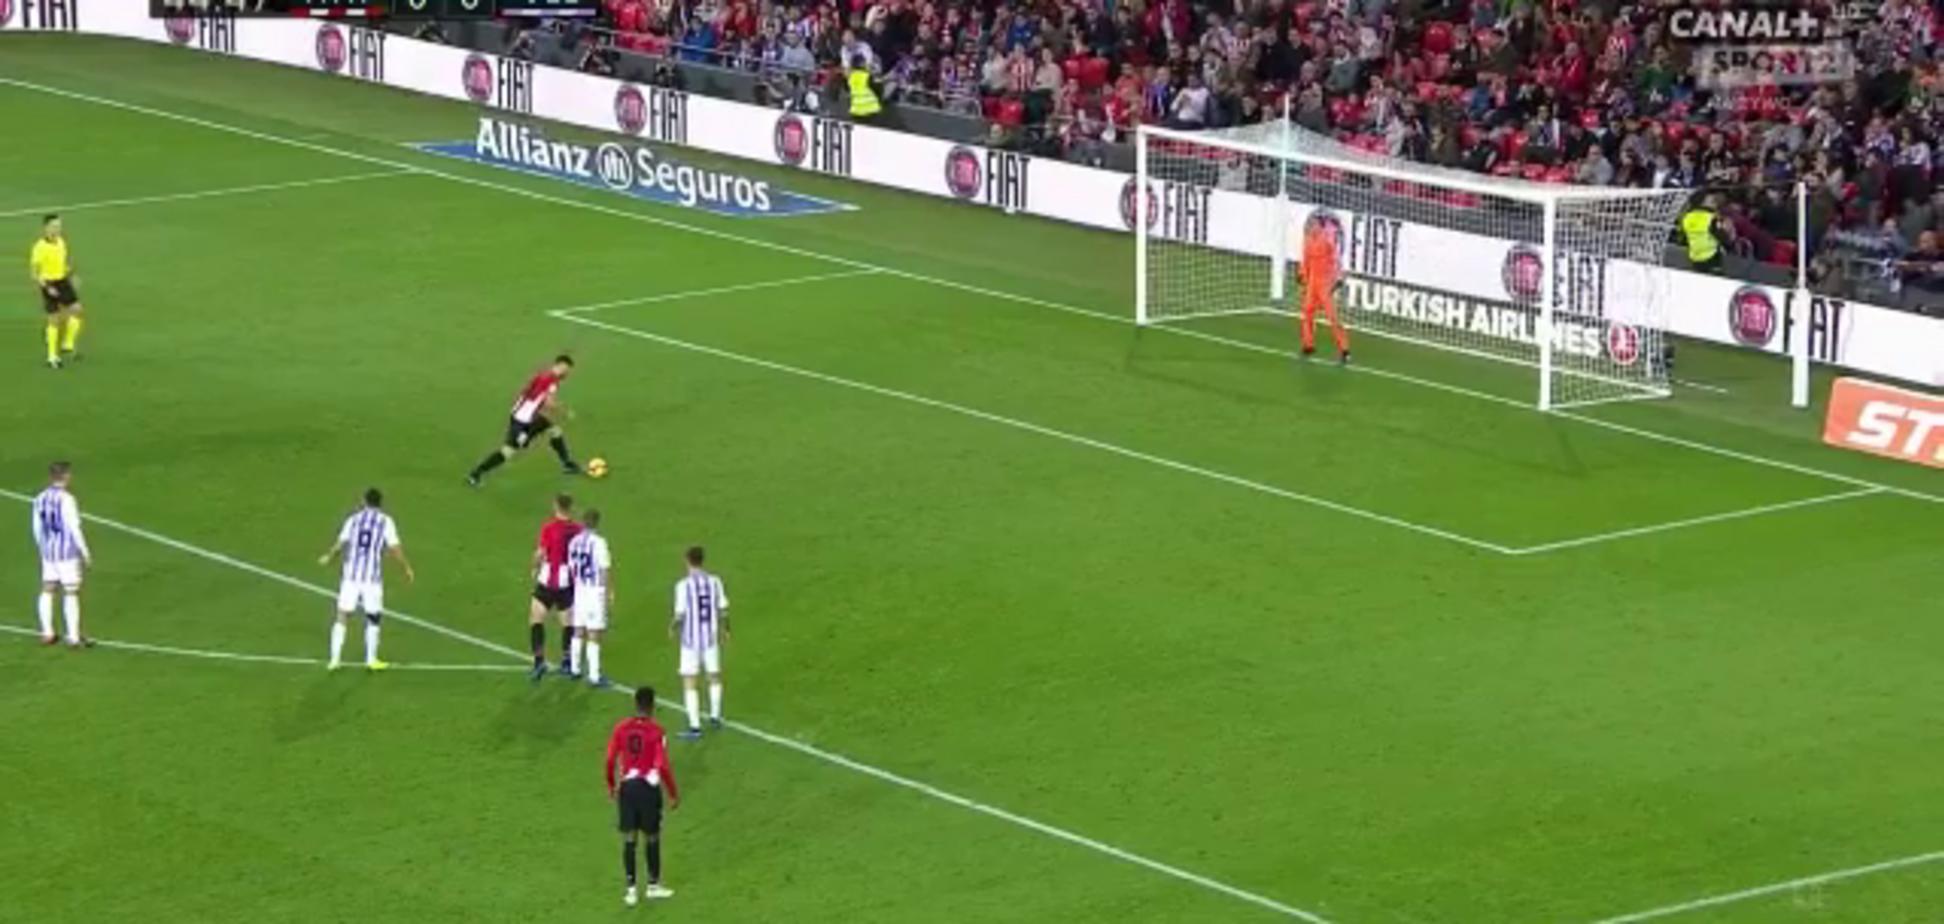 Іспанський футболіст забив найдивовижніший пенальті року — опубліковане відео